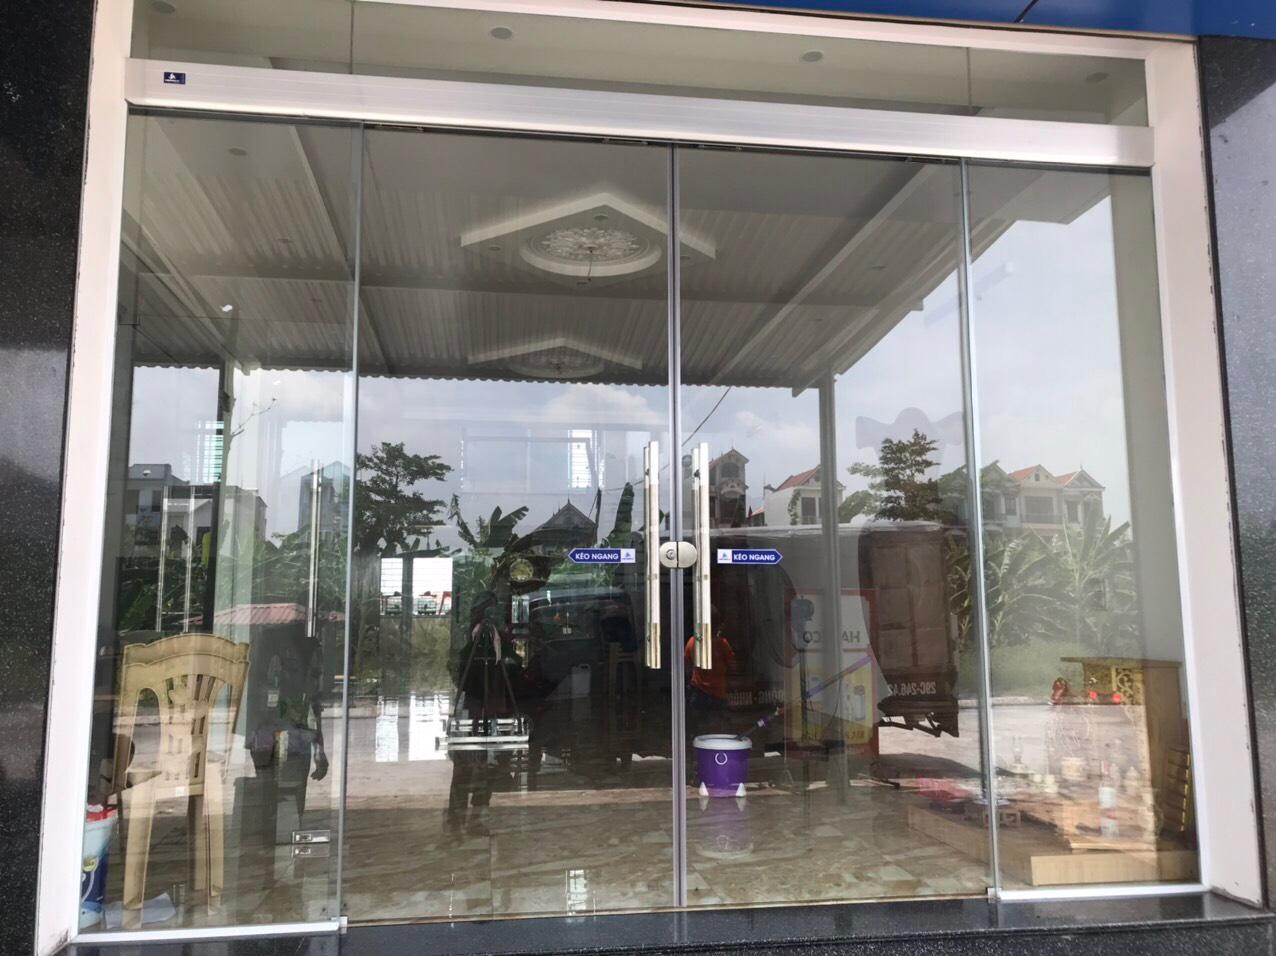 Công trình sử dụng sản phẩm Ray treo cửa lùa - Cửa bán tự động HEDERA